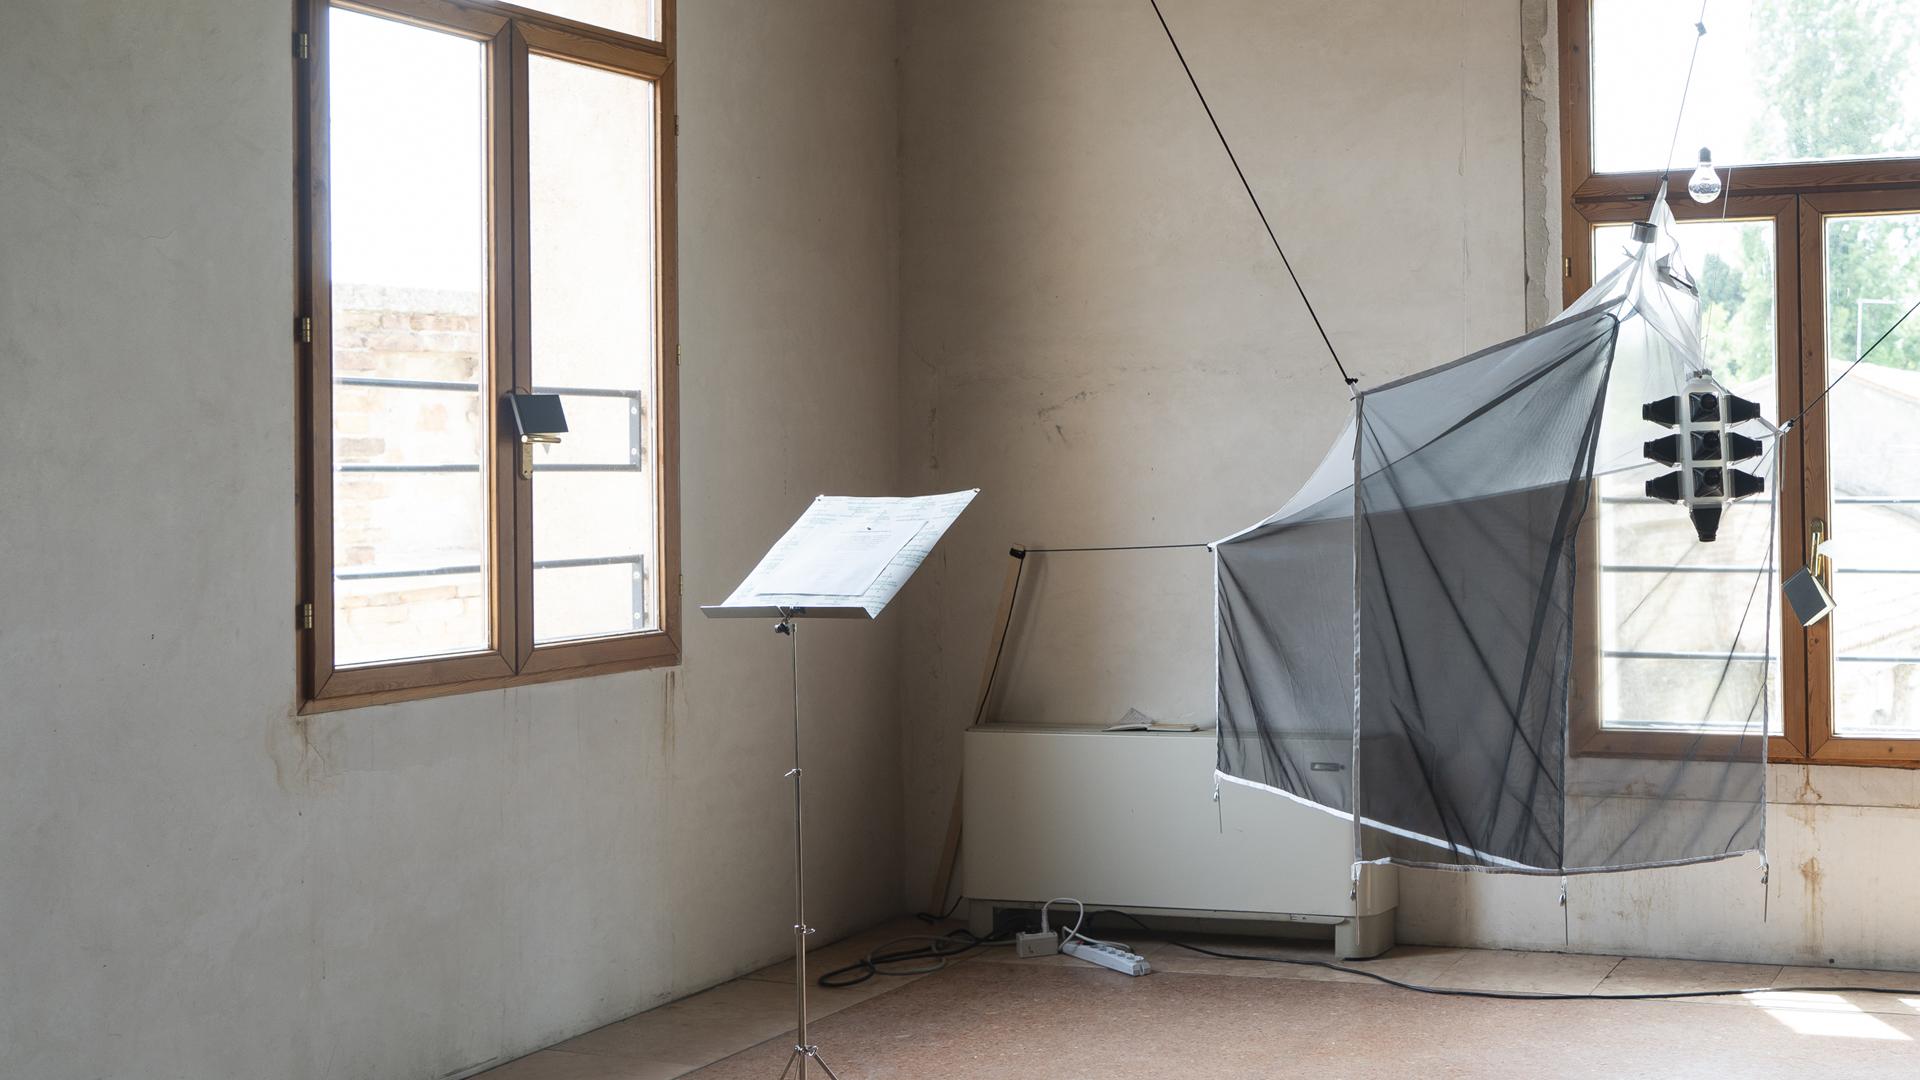 Hyönteisloukku-taideteos huoneessa